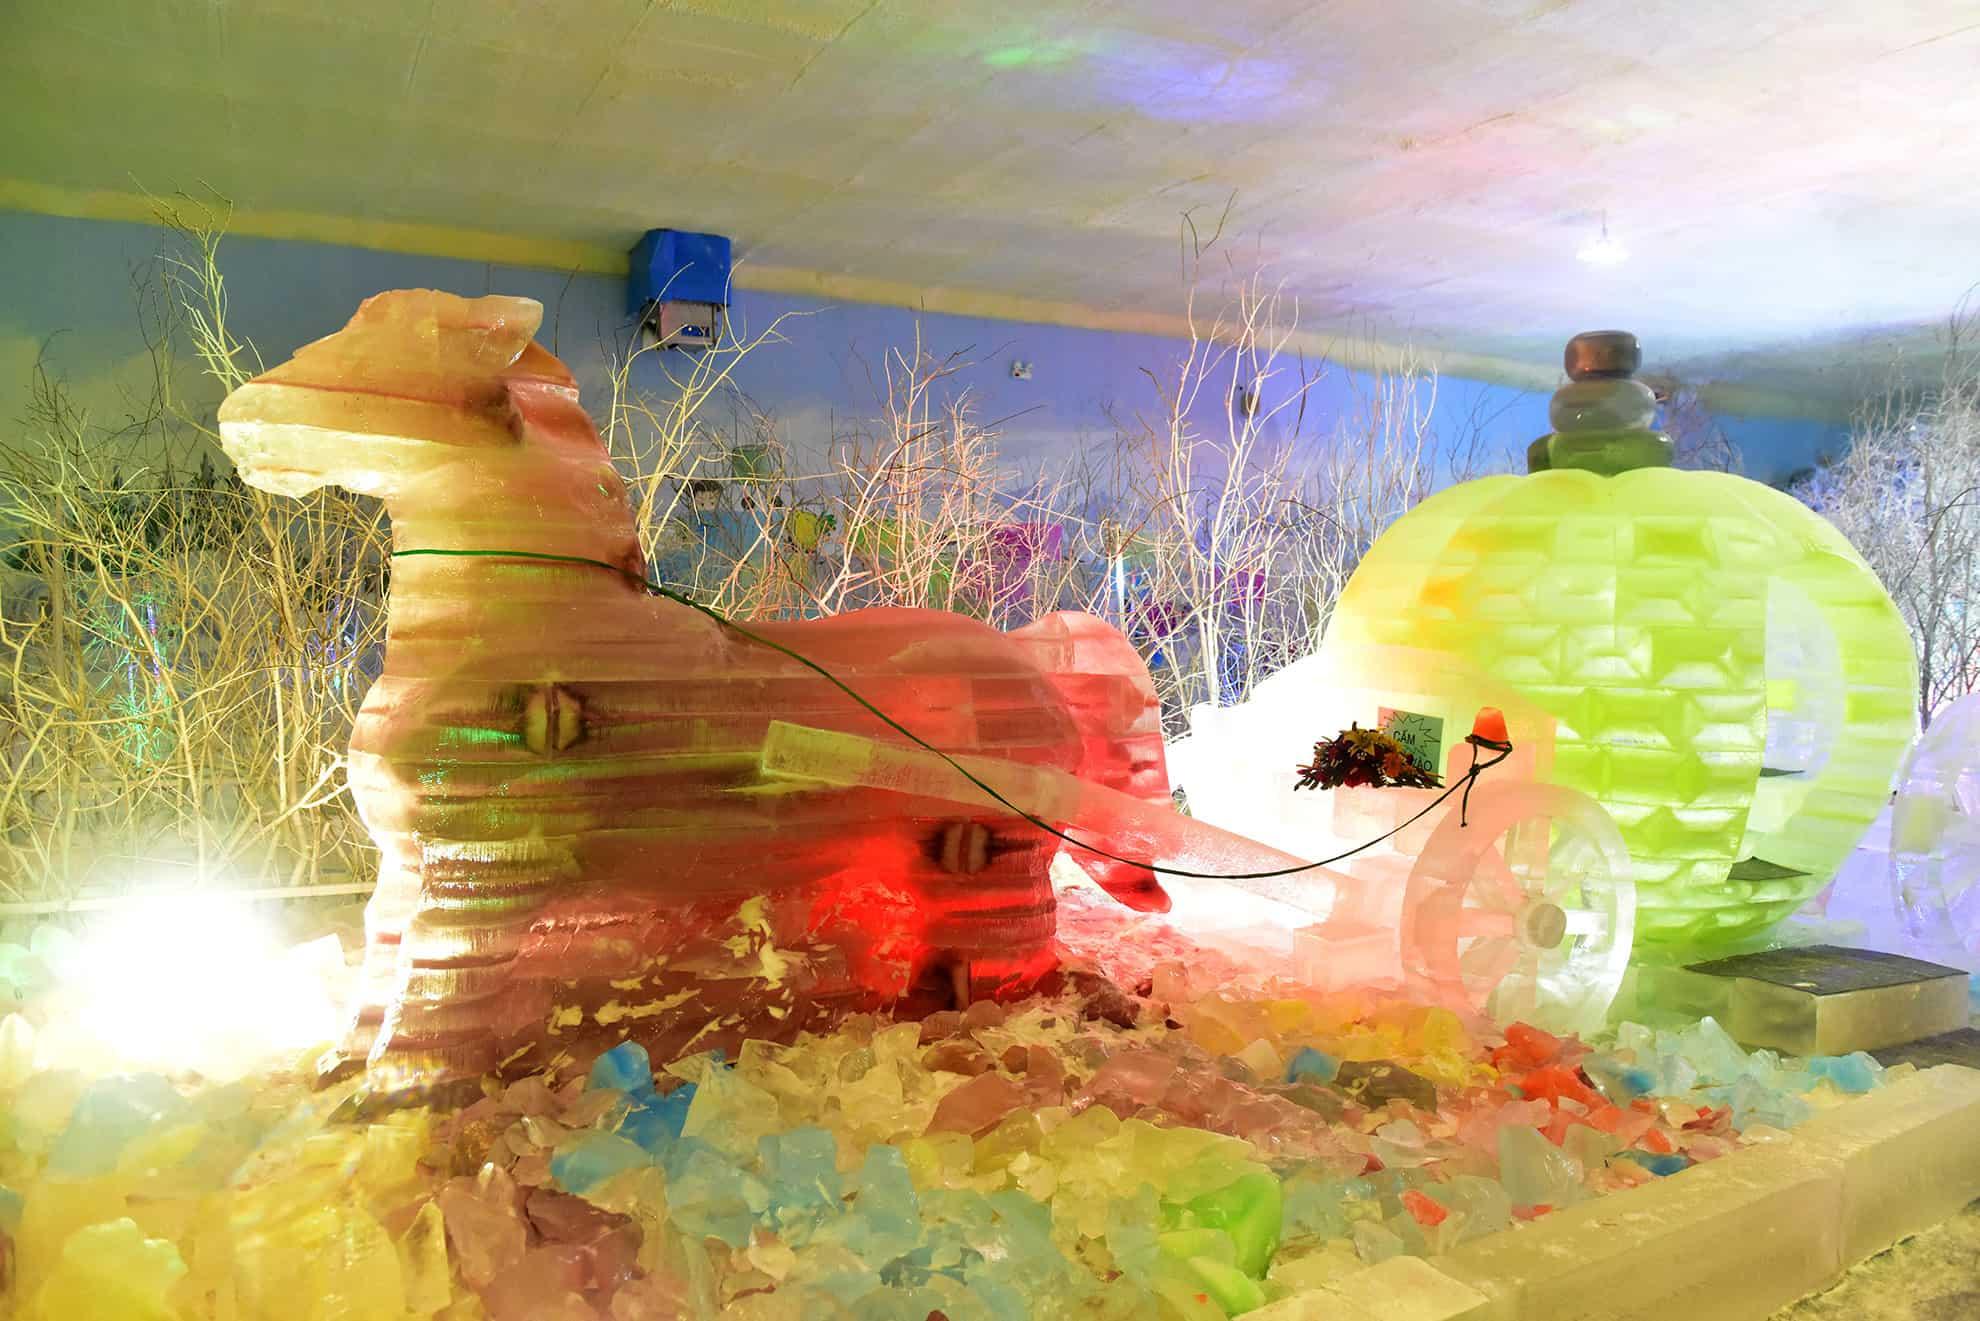 Cỗ xe bí ngô băng khổng lồ lấp lánh